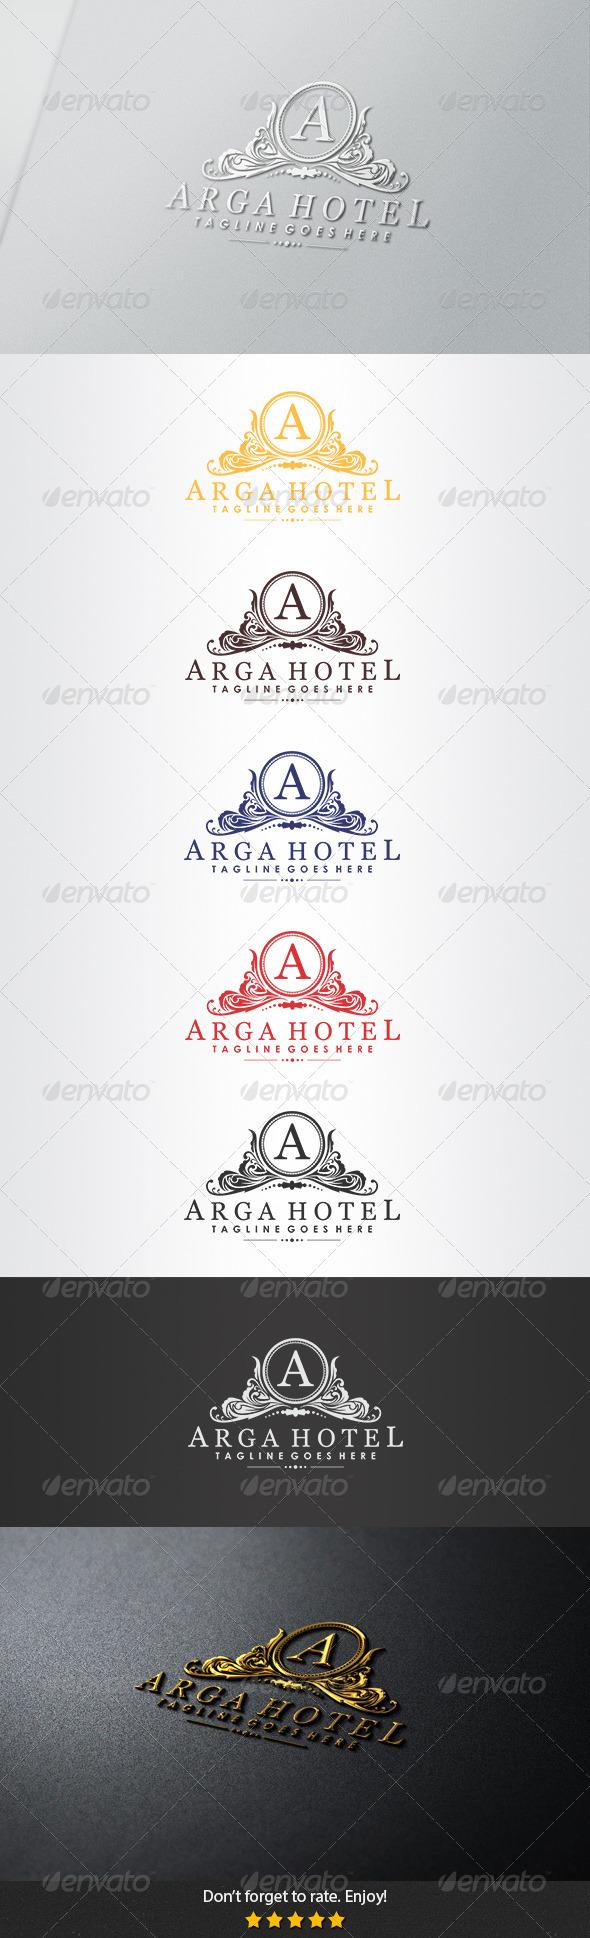 GraphicRiver Arga Hotel Logo 5458806